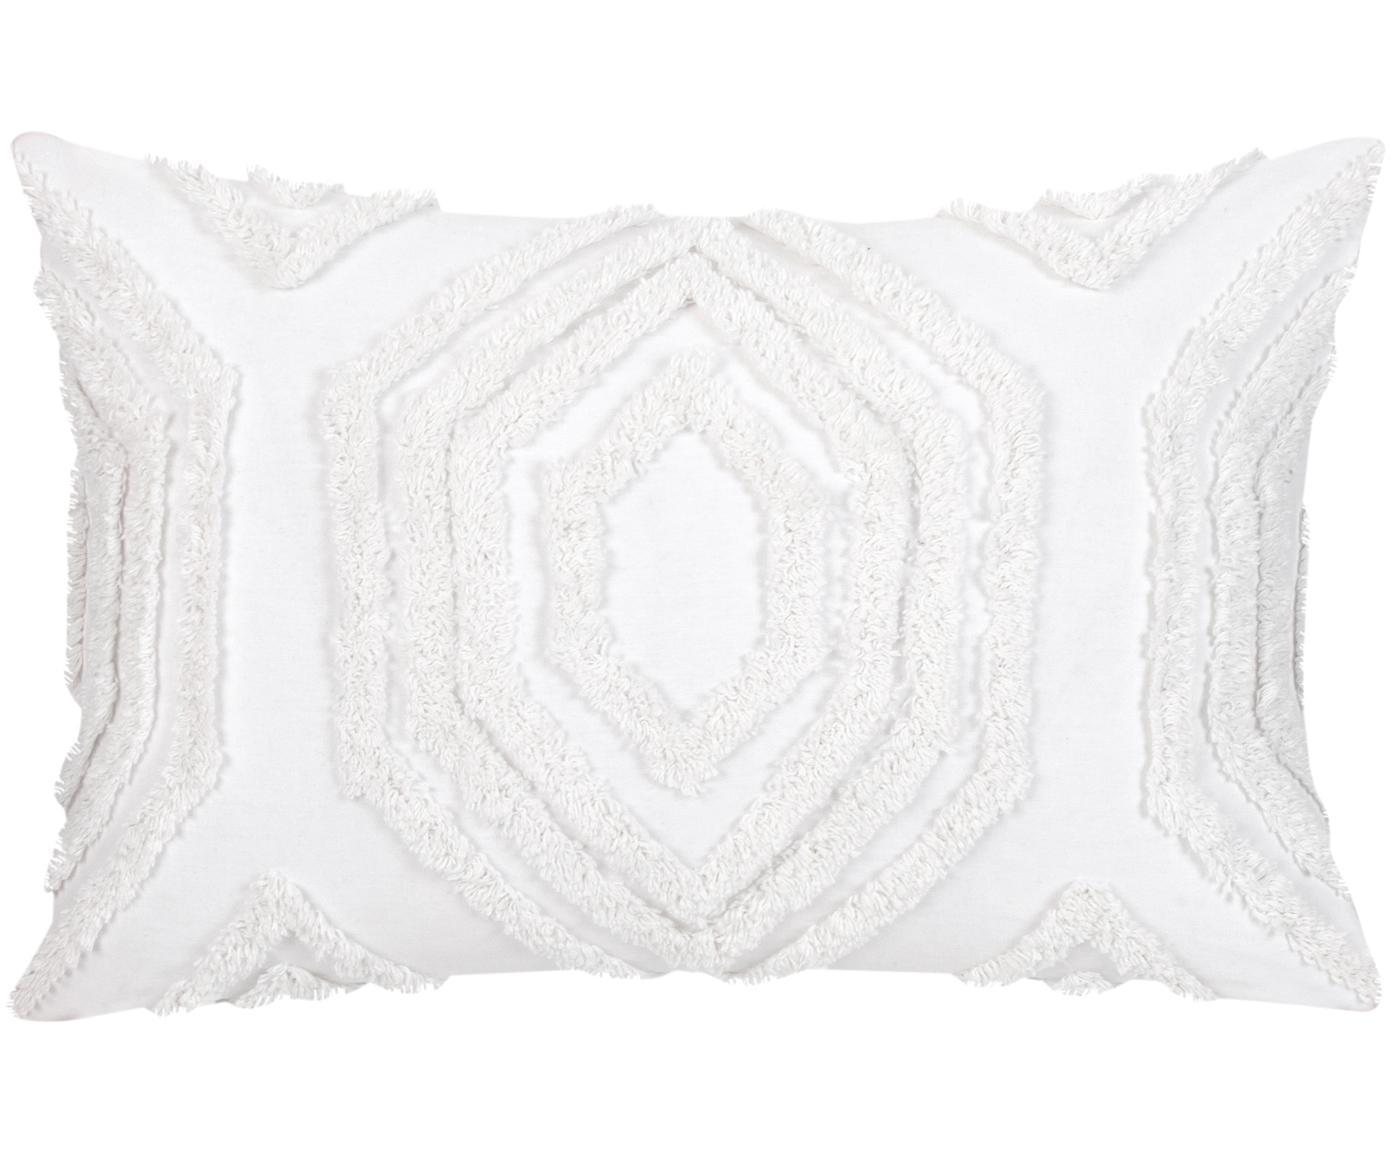 Kussenhoes Faye met getuft patroon, Weeftechniek: panama, Wit, 40 x 60 cm